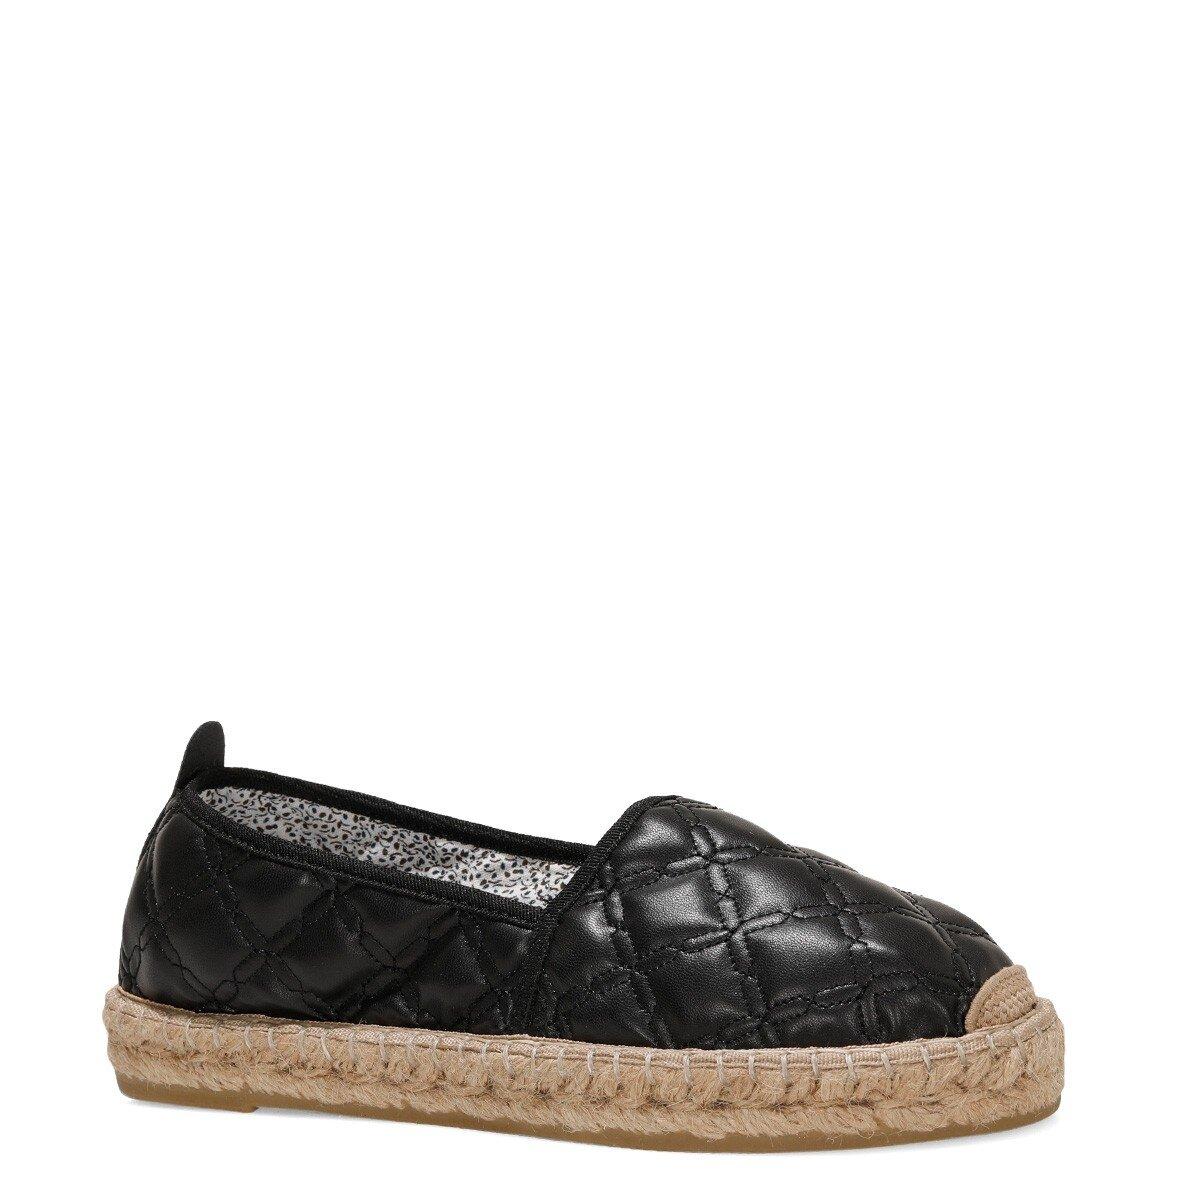 BONEMORE 1FX Siyah Kadın Espadril Ayakkabı